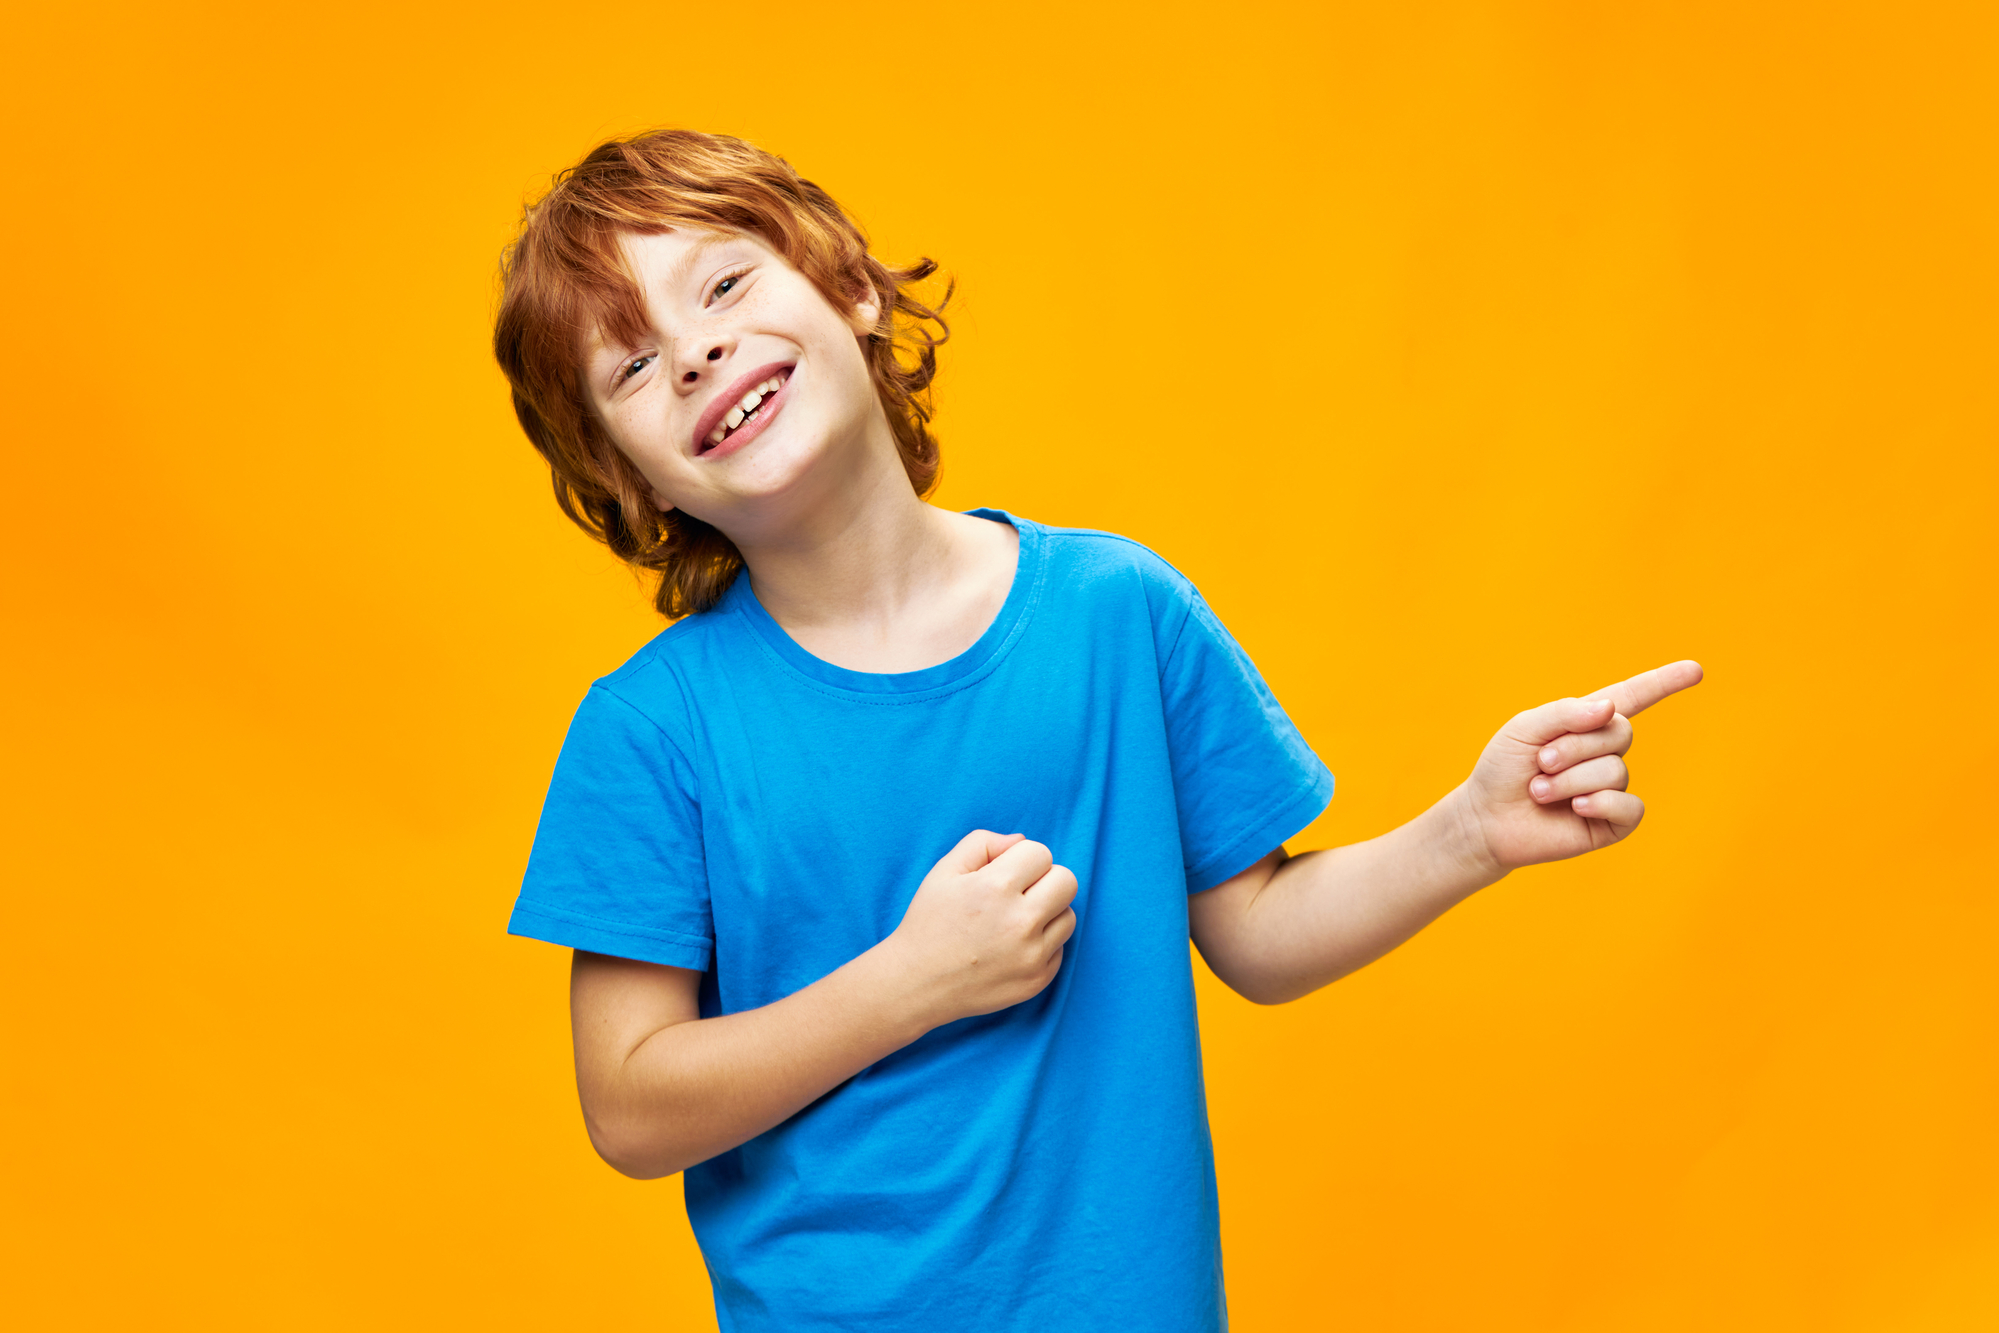 Junge glücklich, fröhlich, ausgeglichen, emotional stark